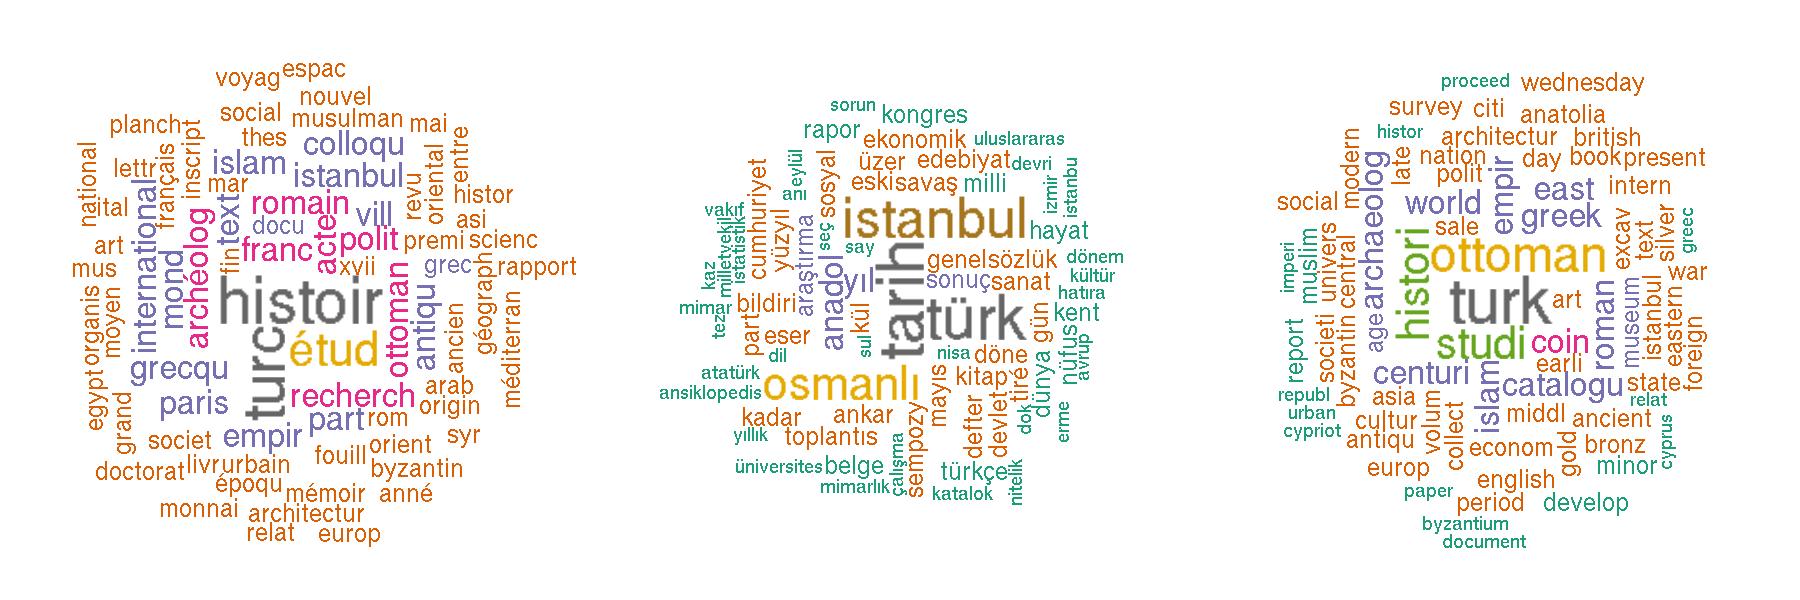 Nuages de mots d'après les titres en français, turc et anglais. CC BY 4.0 Strupler